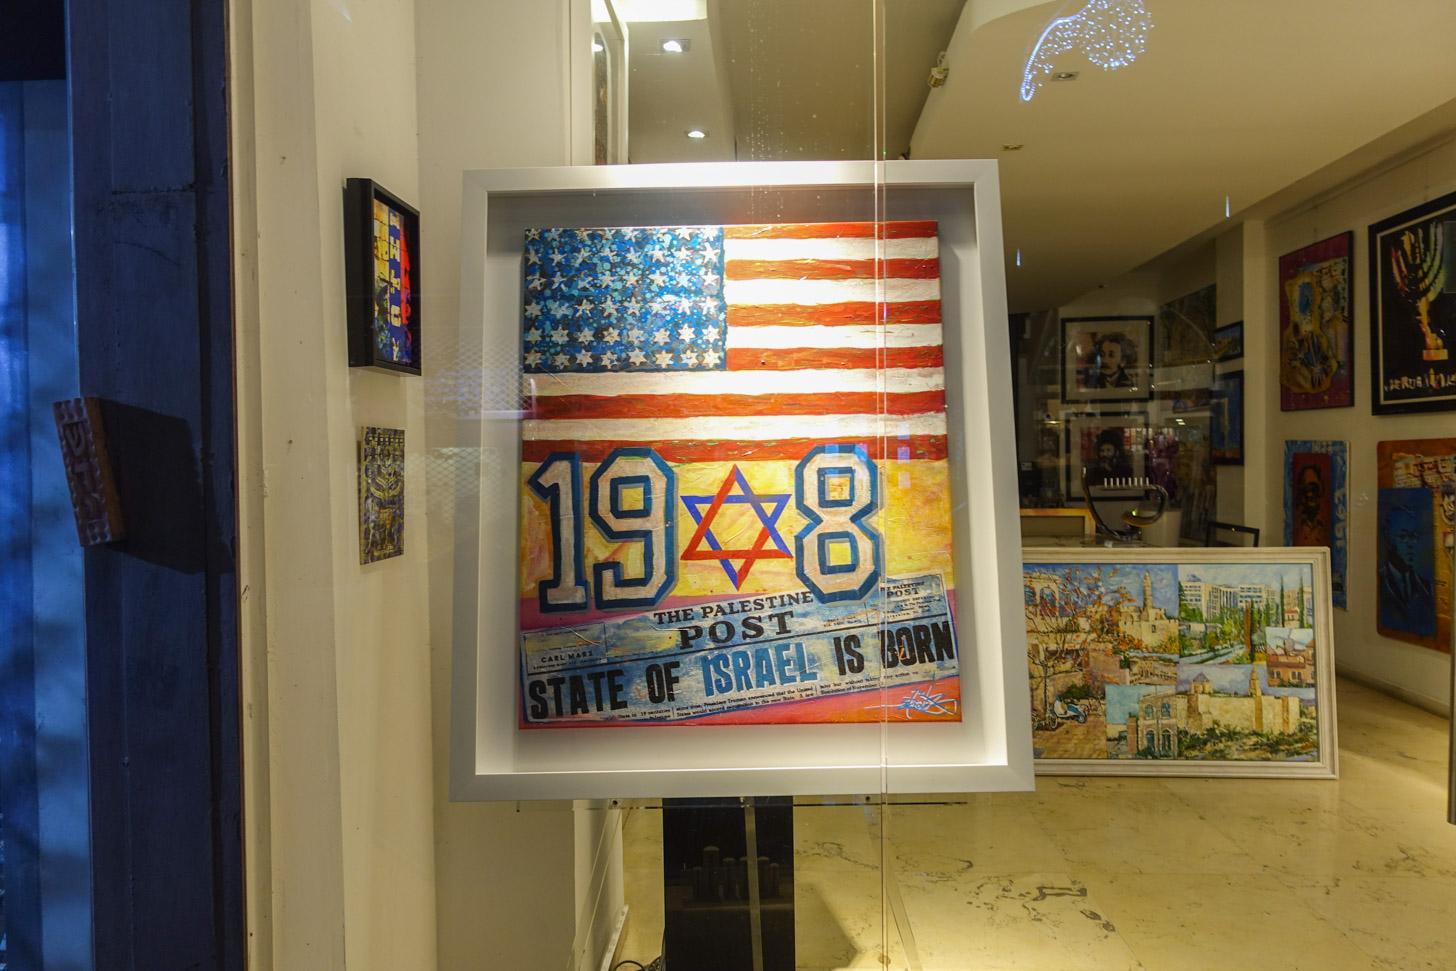 1948: geboorte van de staat Israël